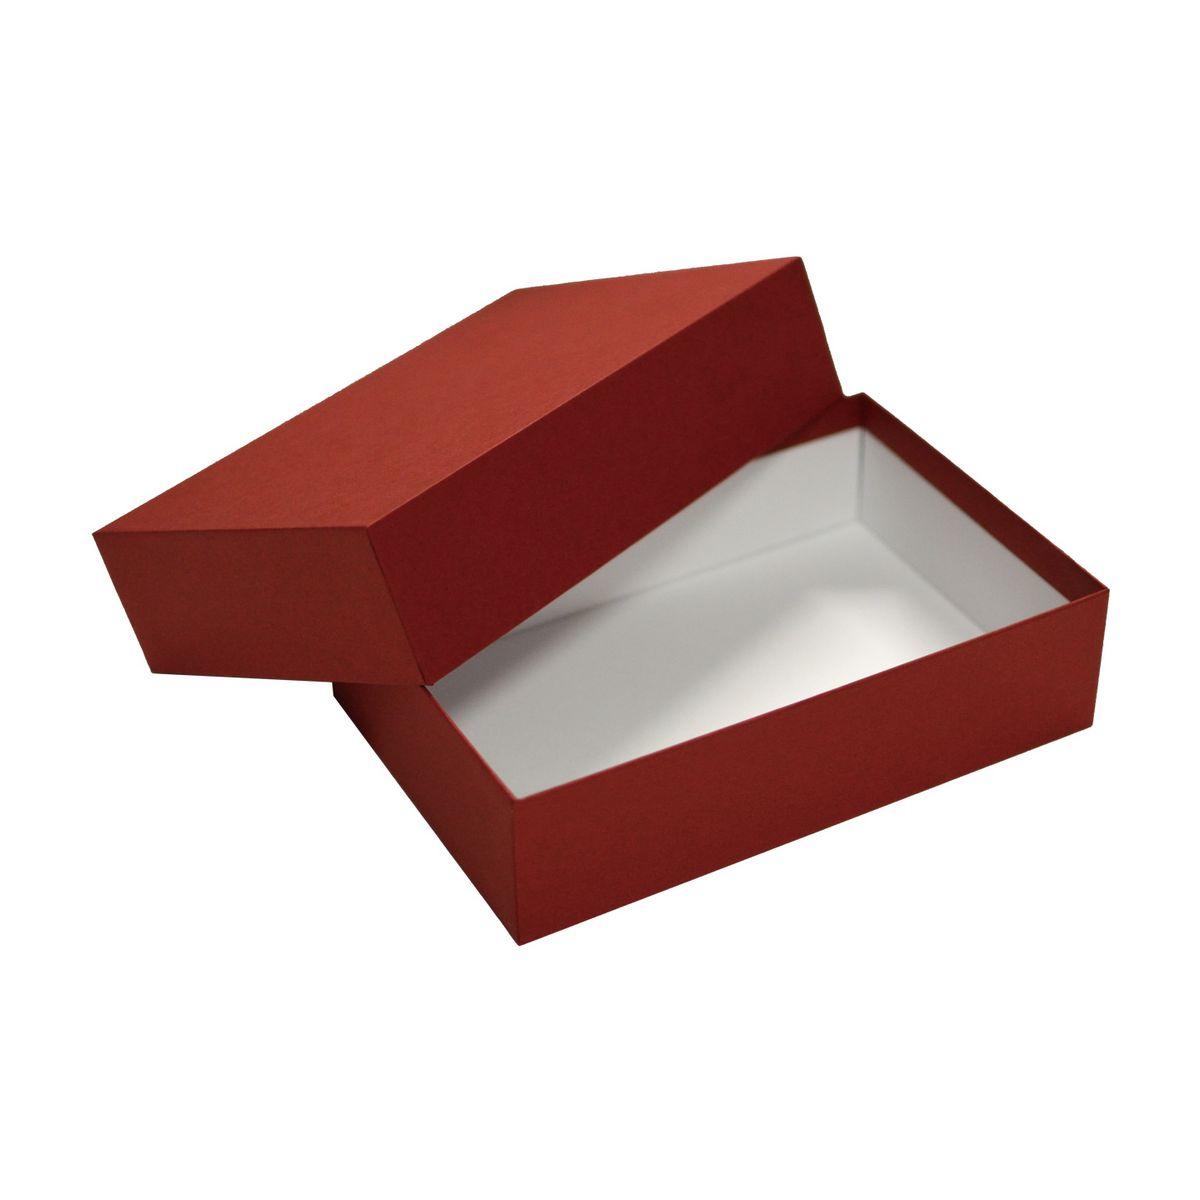 ラッピング用品 安心の定価販売 梱包資材 ラッピング箱 梱包箱 ギフトボックス 手作り 材料 ピタットボックス 送料無料 新品 36-88001-47 レッド 01 取寄 47 東京リボン